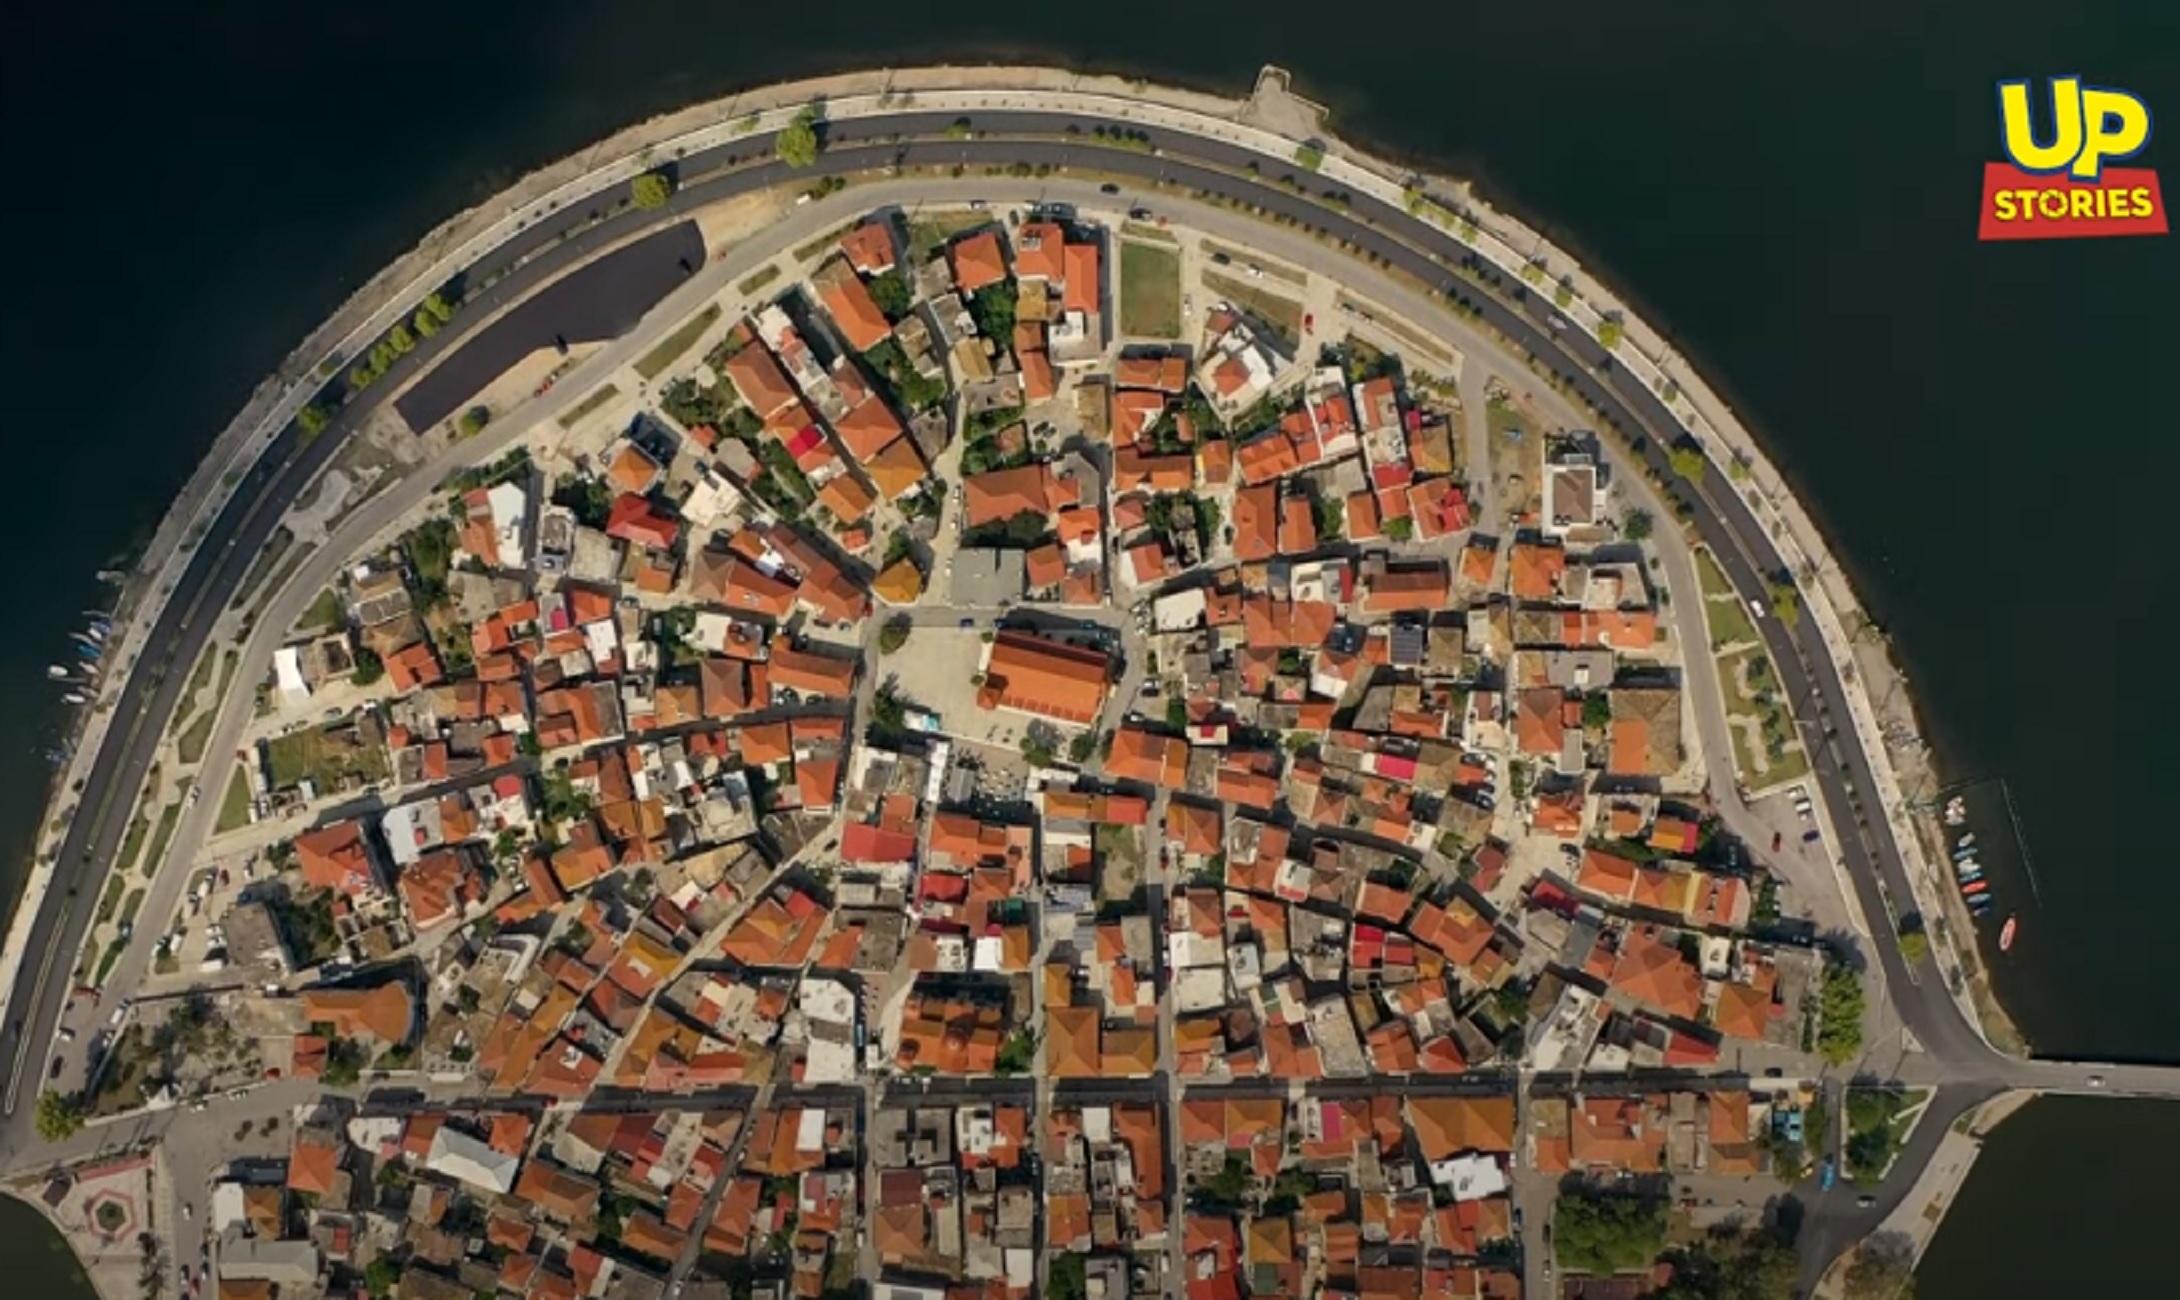 Αιτωλοακαρνανία: Η πιο… νόστιμη και ομορφότερη γωνιά της Ελλάδας – Περιήγηση που καθηλώνει (video)